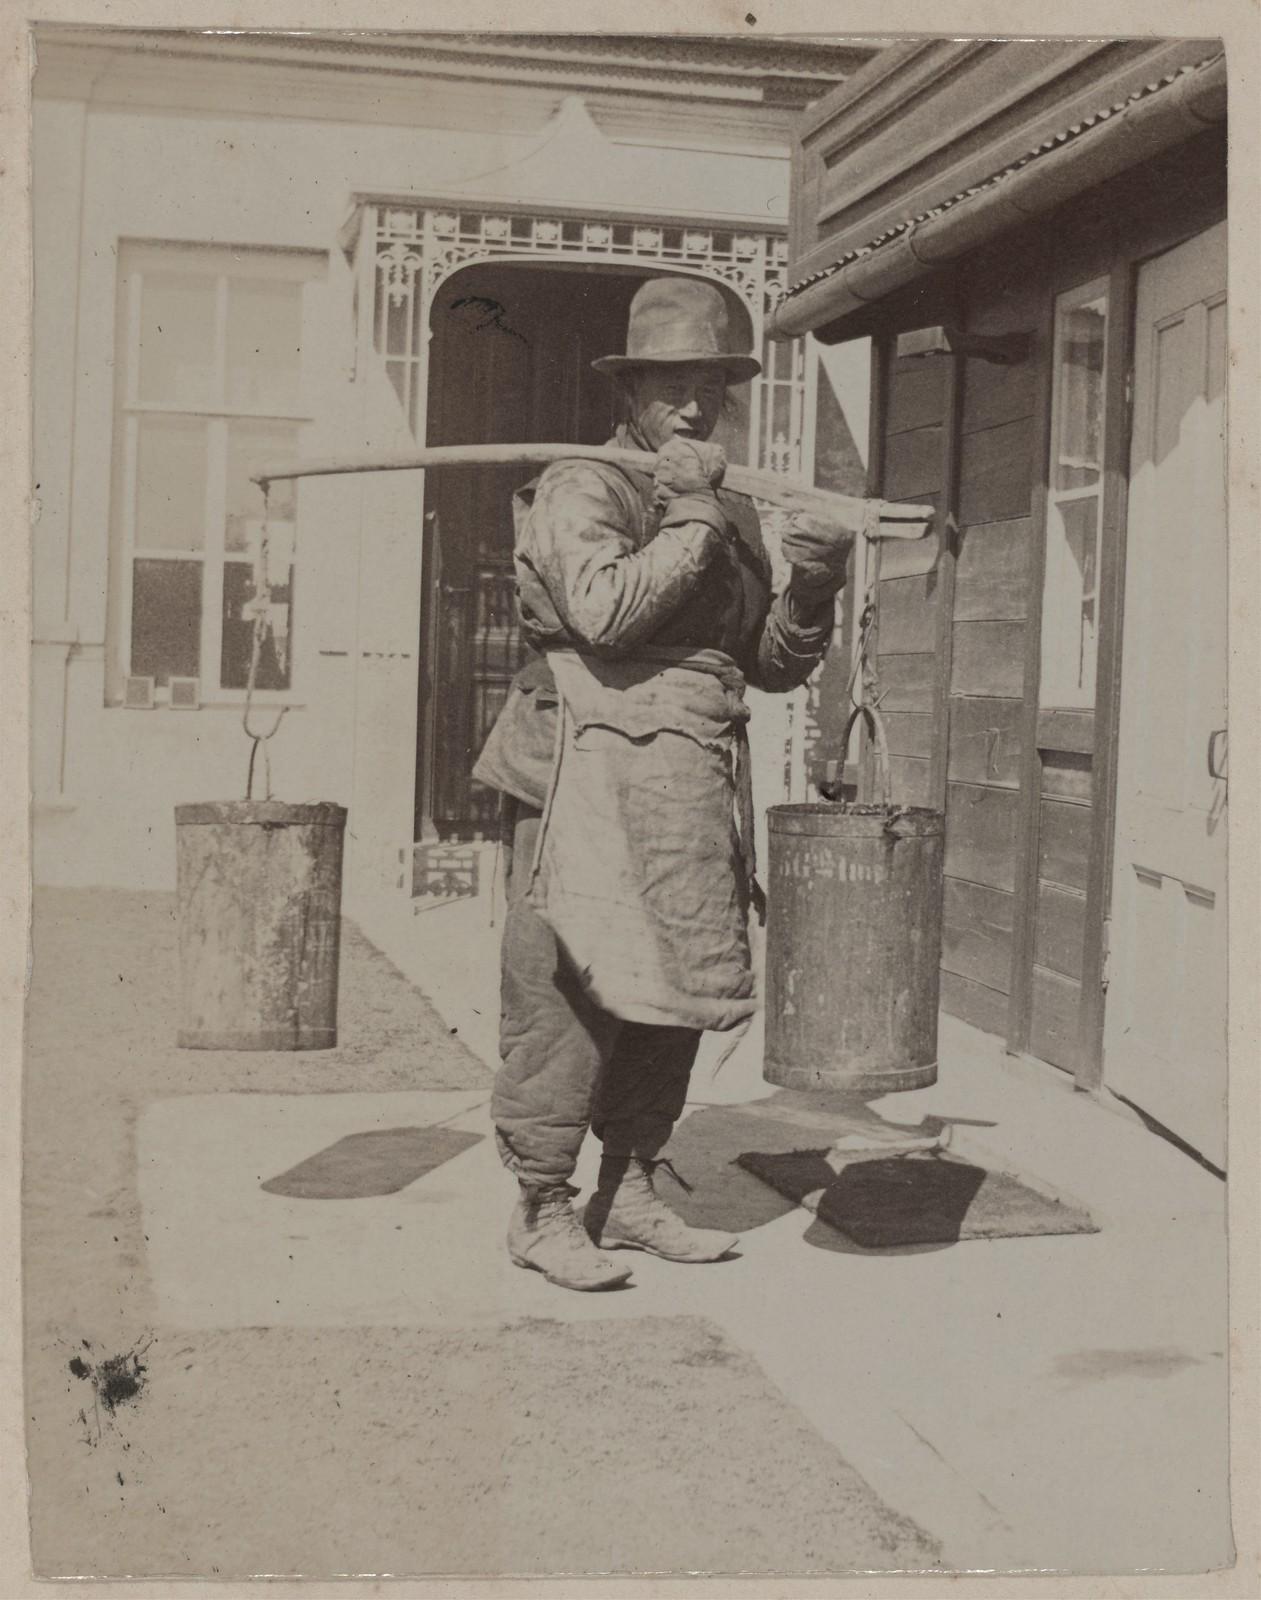 Доу Ки, один из китайских слуг, несущий ведра с водой. Дом Смитов